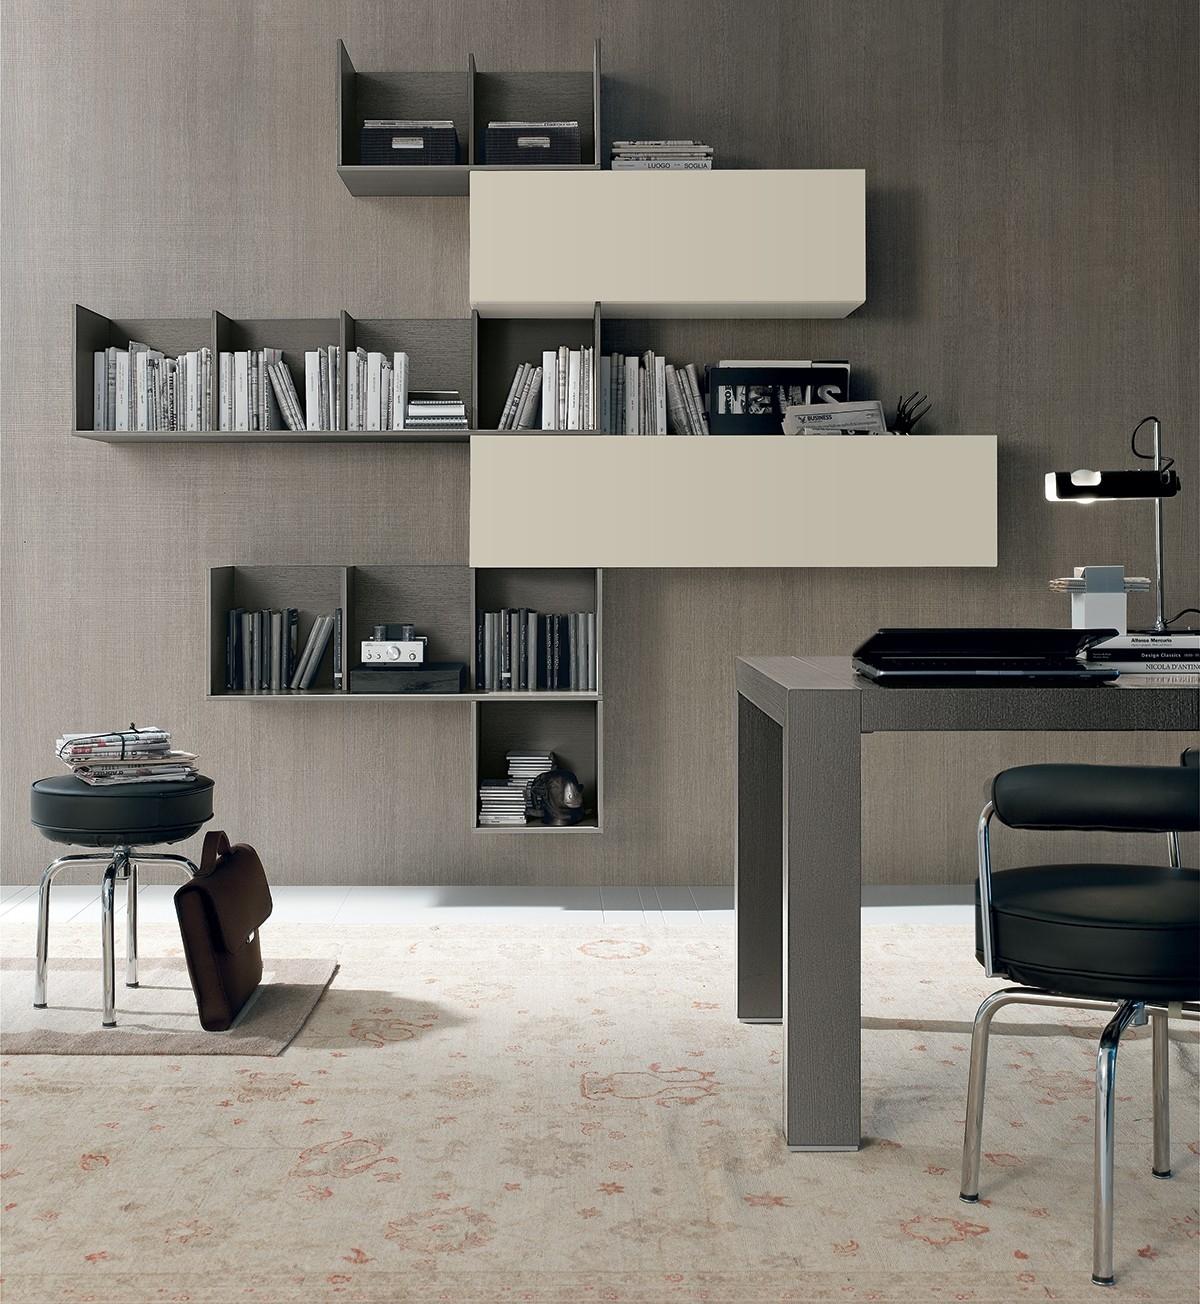 Tomasella libreria moderna componibile soggiorni a for Complementi di arredo soggiorno